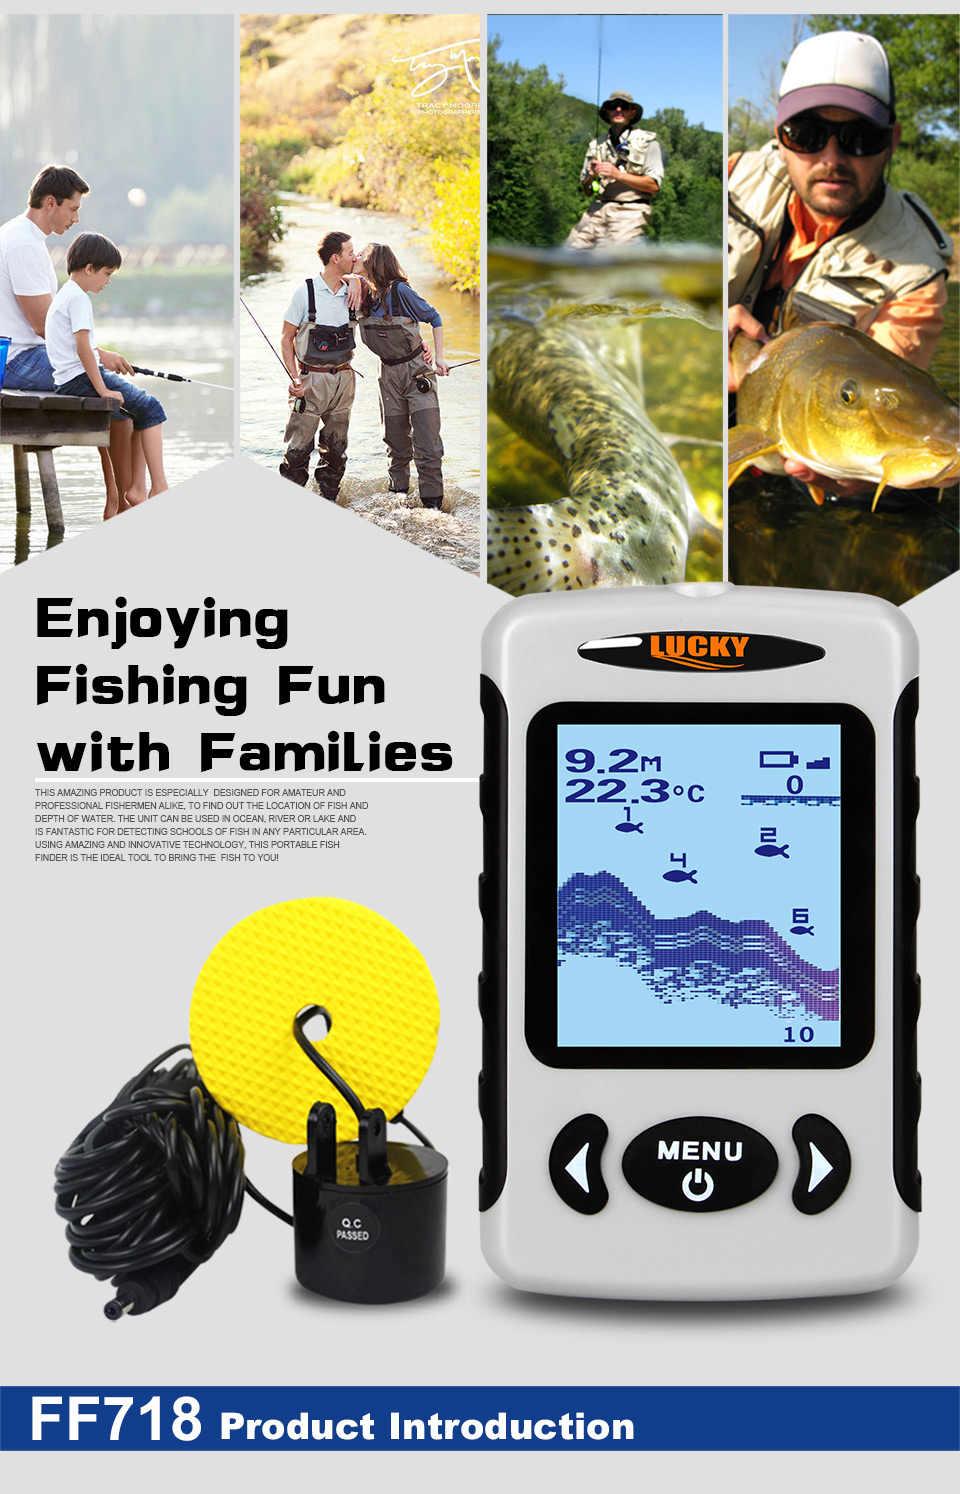 Russo Sonar Wireless Fishfinder Fish Finder Mare Contour Temp 100m 3280Ft Profondità Ecoscandaglio Sonar Eco-sirena Attrezzatura Da Pesca